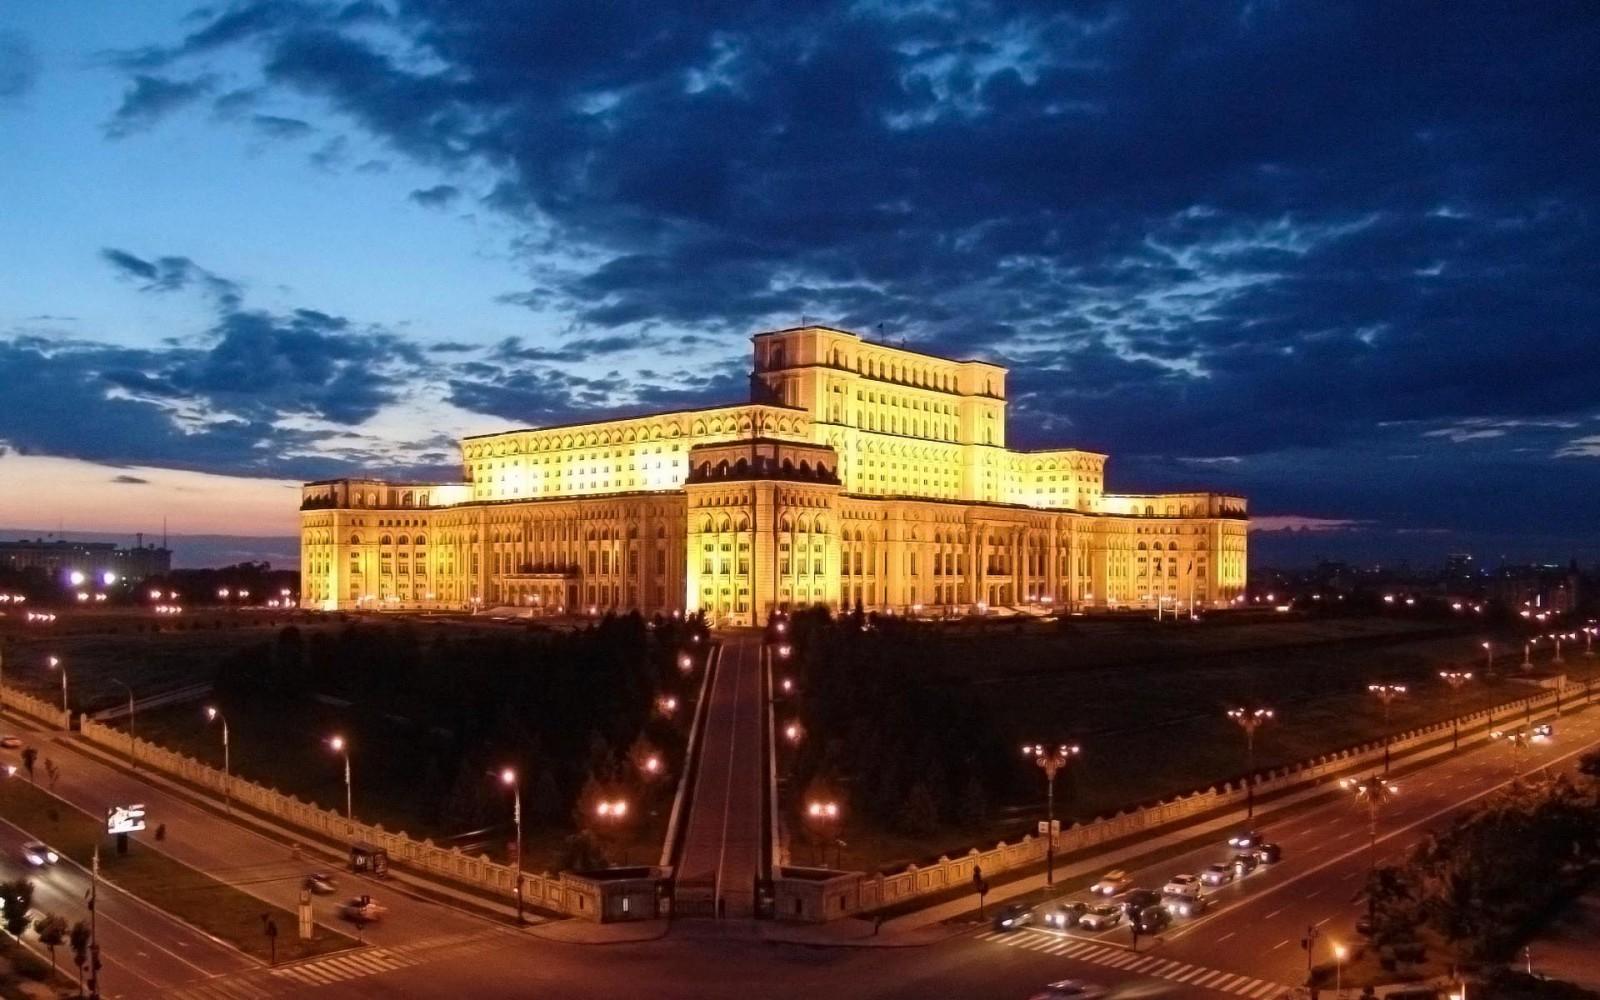 Deții cetățenie română și ai o idee de afaceri? Cum poți obține o finanțare de 40.000 de euro